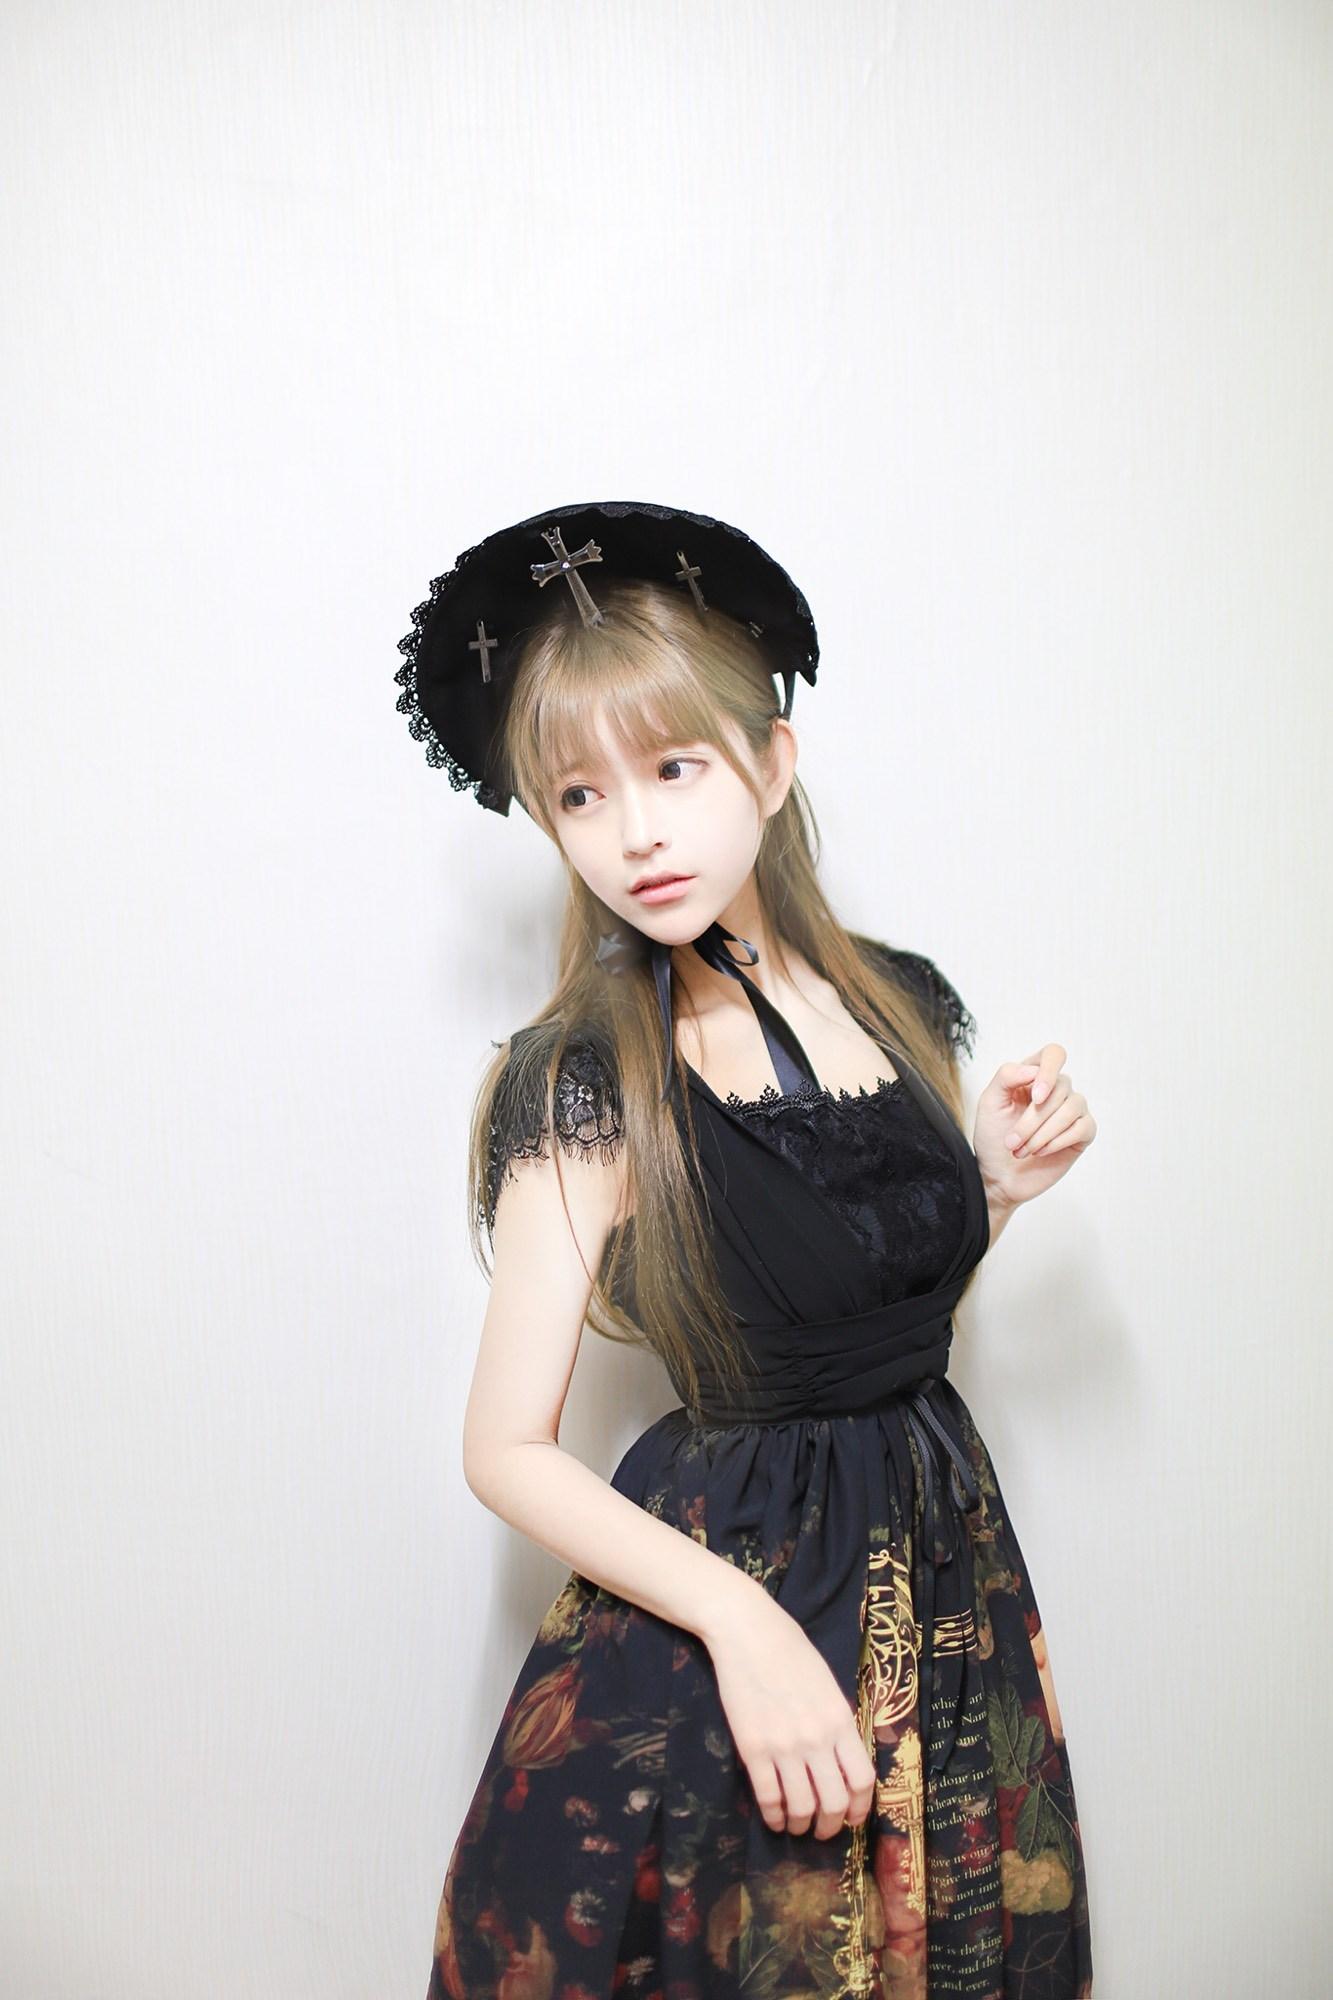 【兔玩映画】Yurisa 兔玩映画 第100张